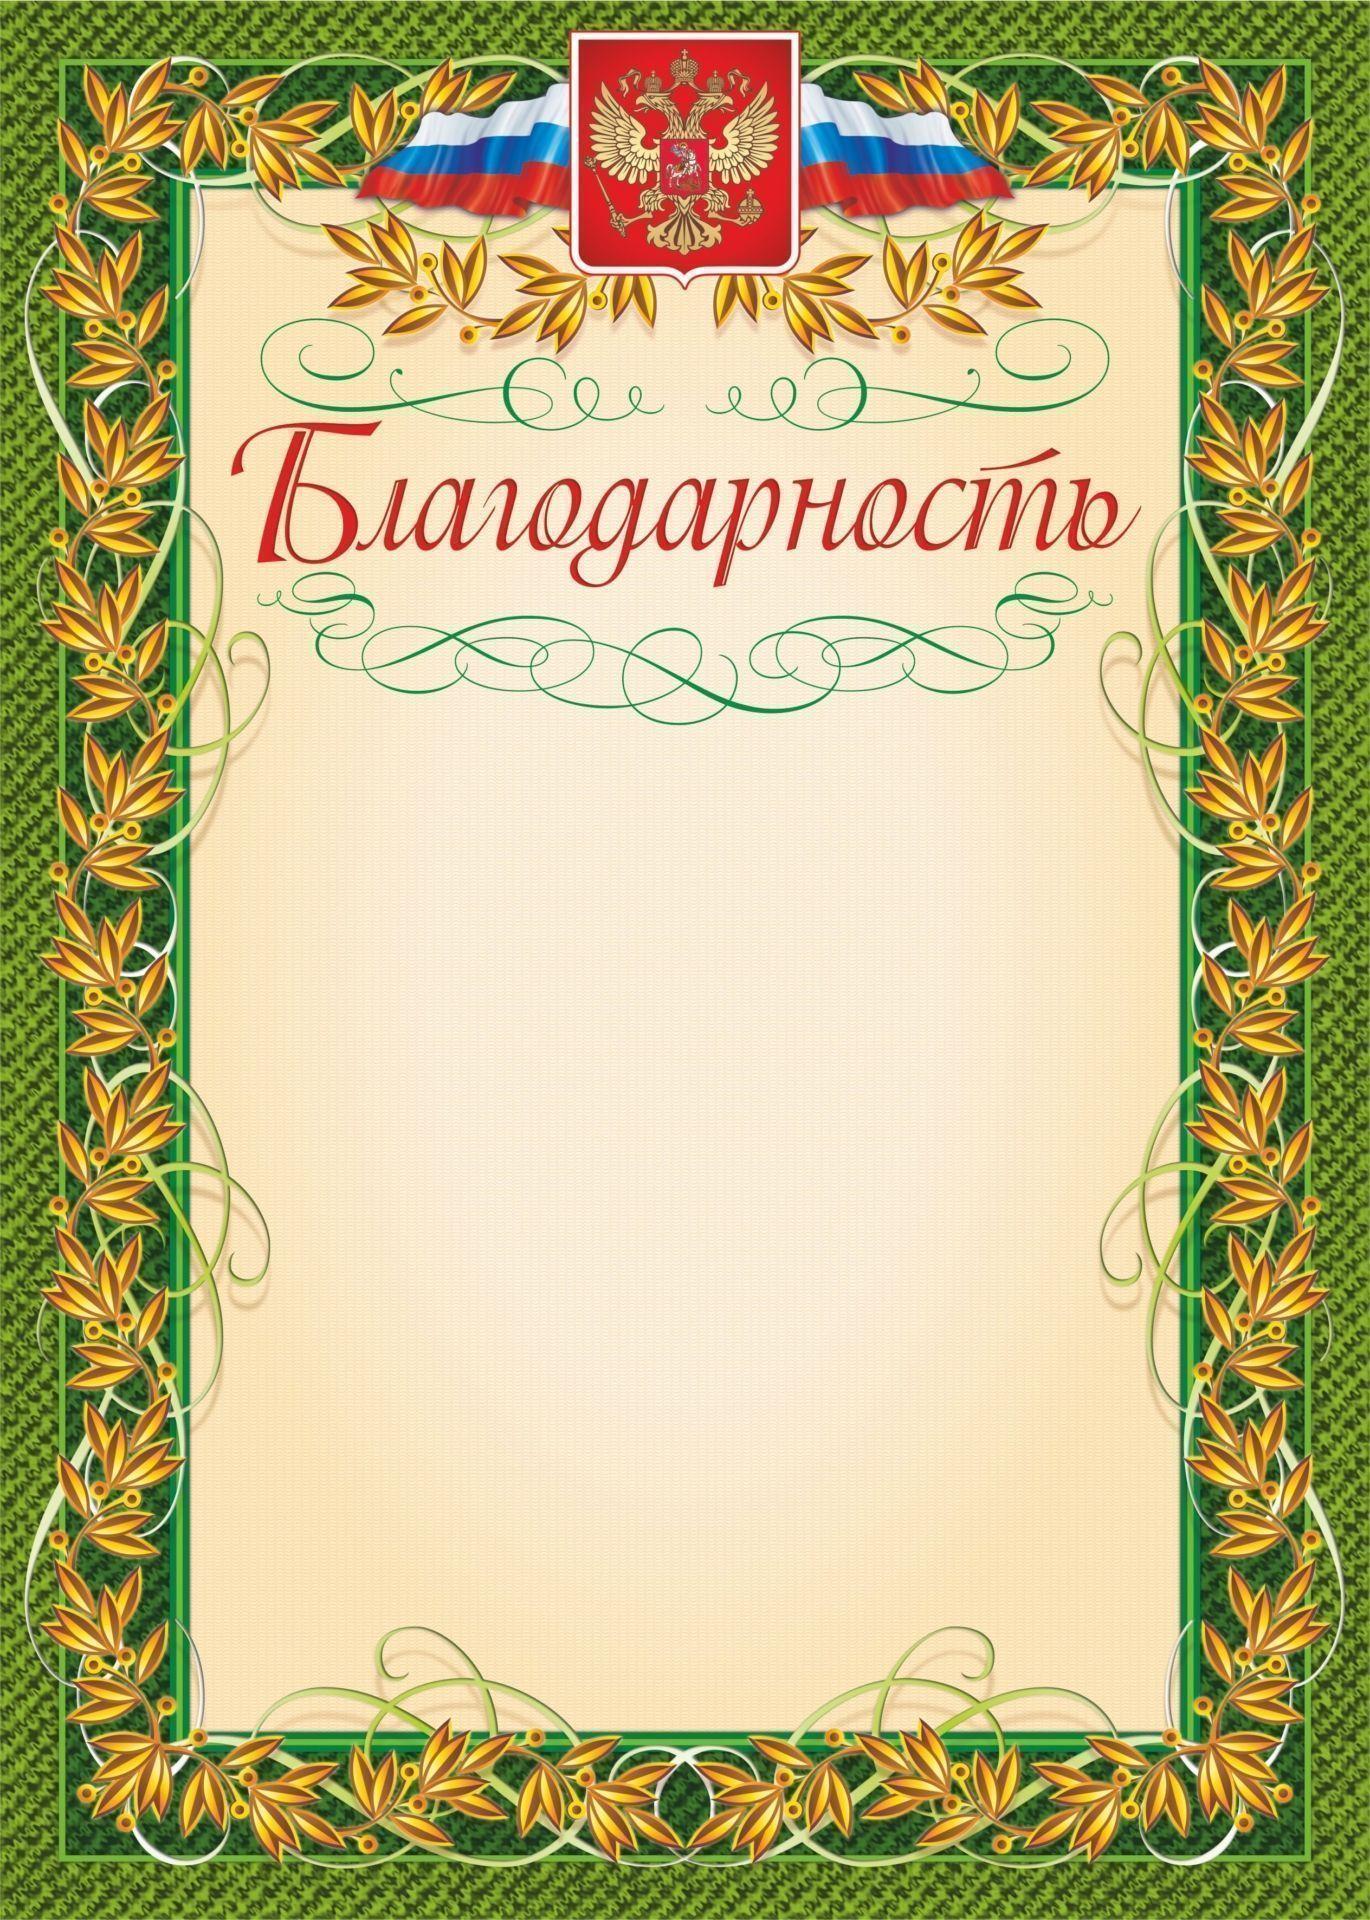 Купить со скидкой Благодарность (с гербом и флагом, рамка лавровый лист) (упаковка 200шт)